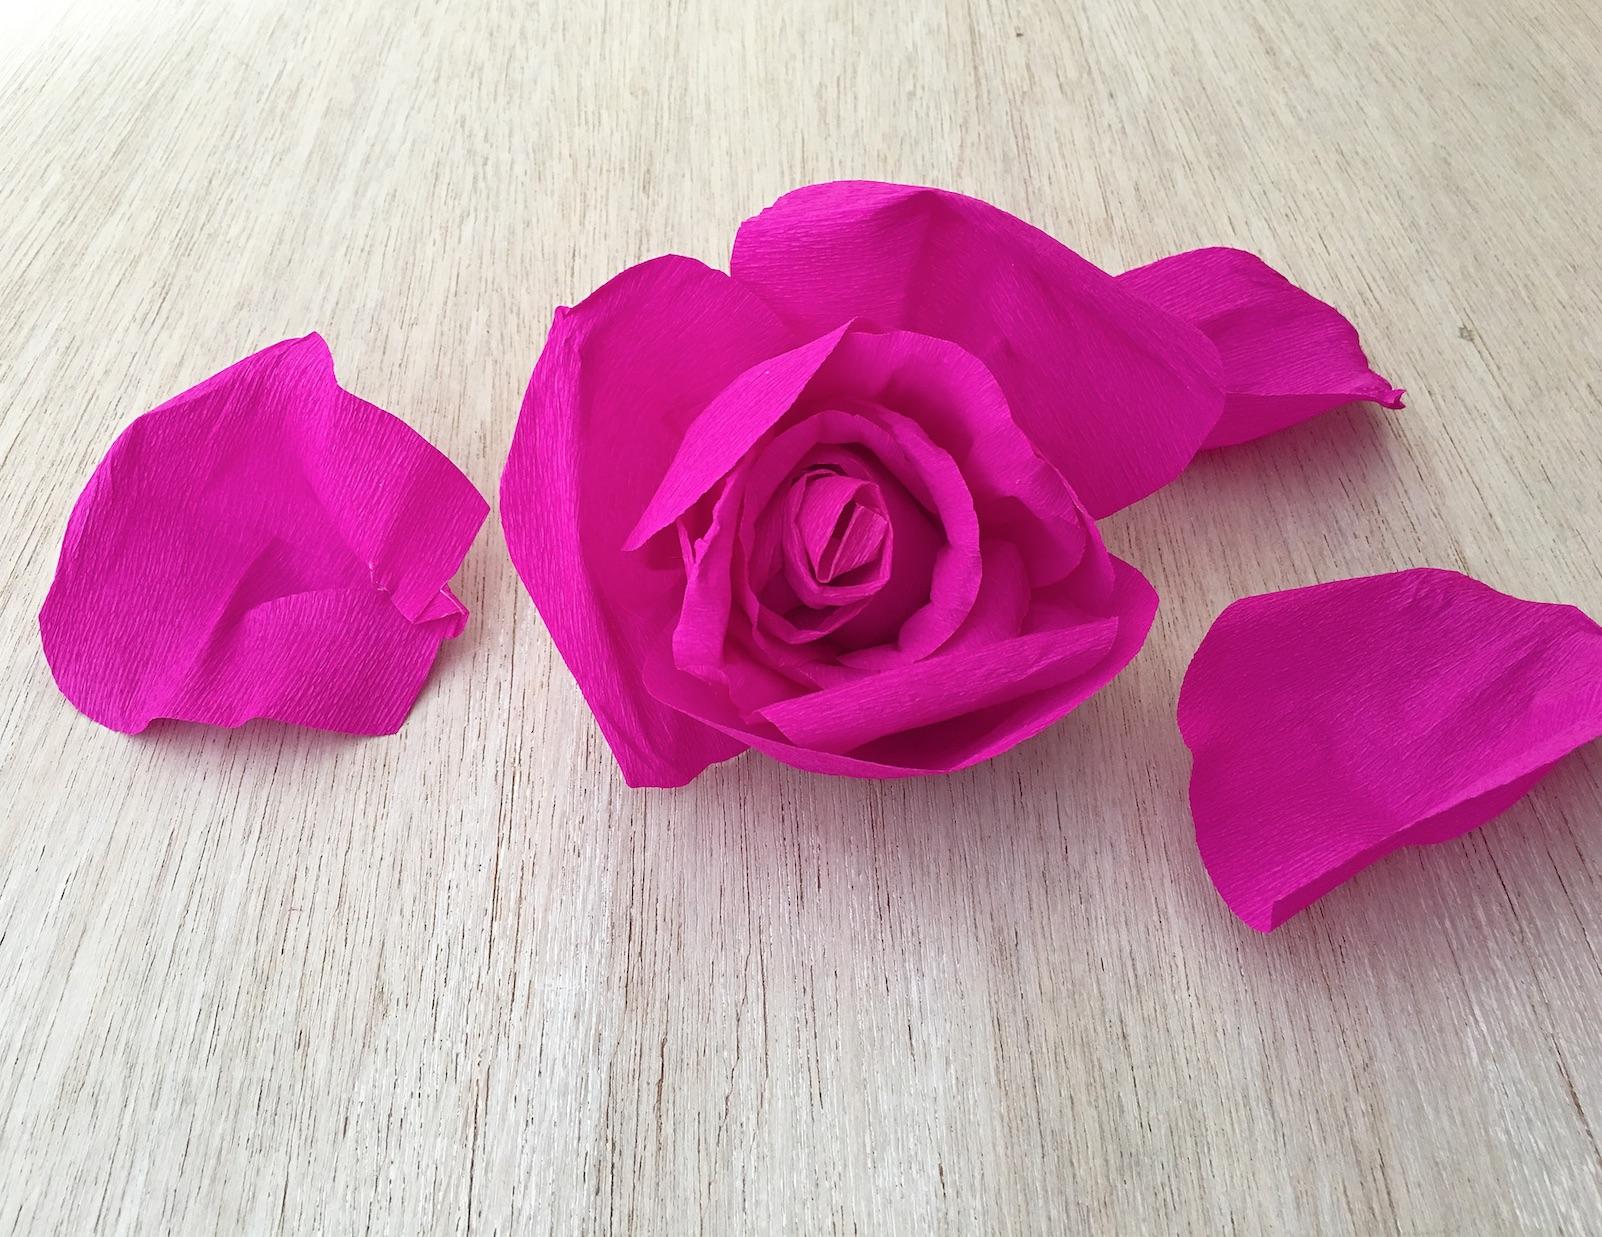 Célèbre I fiori di carta crespa - Anna Borrelli LX49